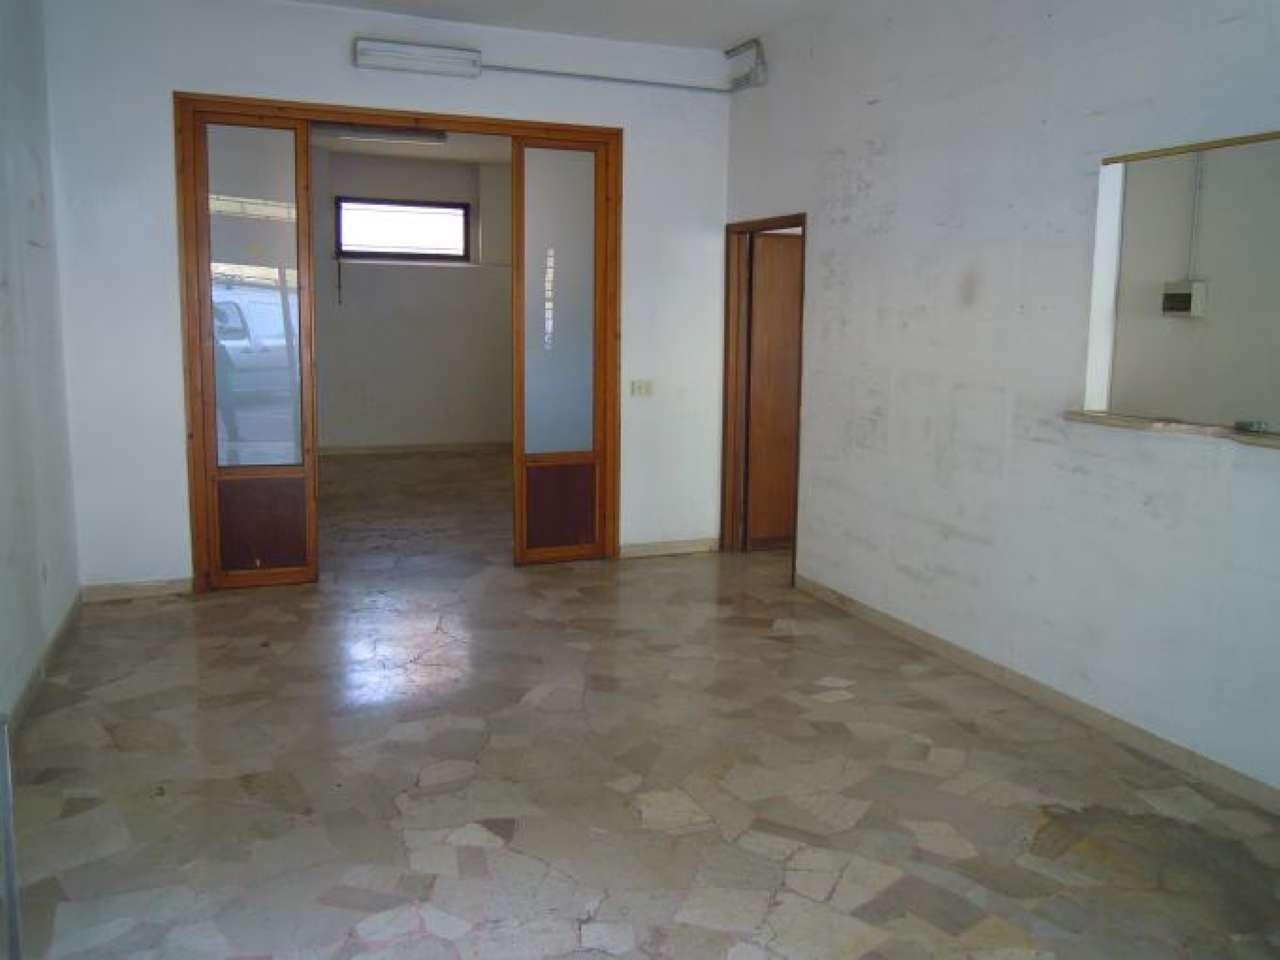 Negozio / Locale in affitto a Firenze, 3 locali, zona Zona: 7 . Pisana, Soffiano, prezzo € 600 | CambioCasa.it